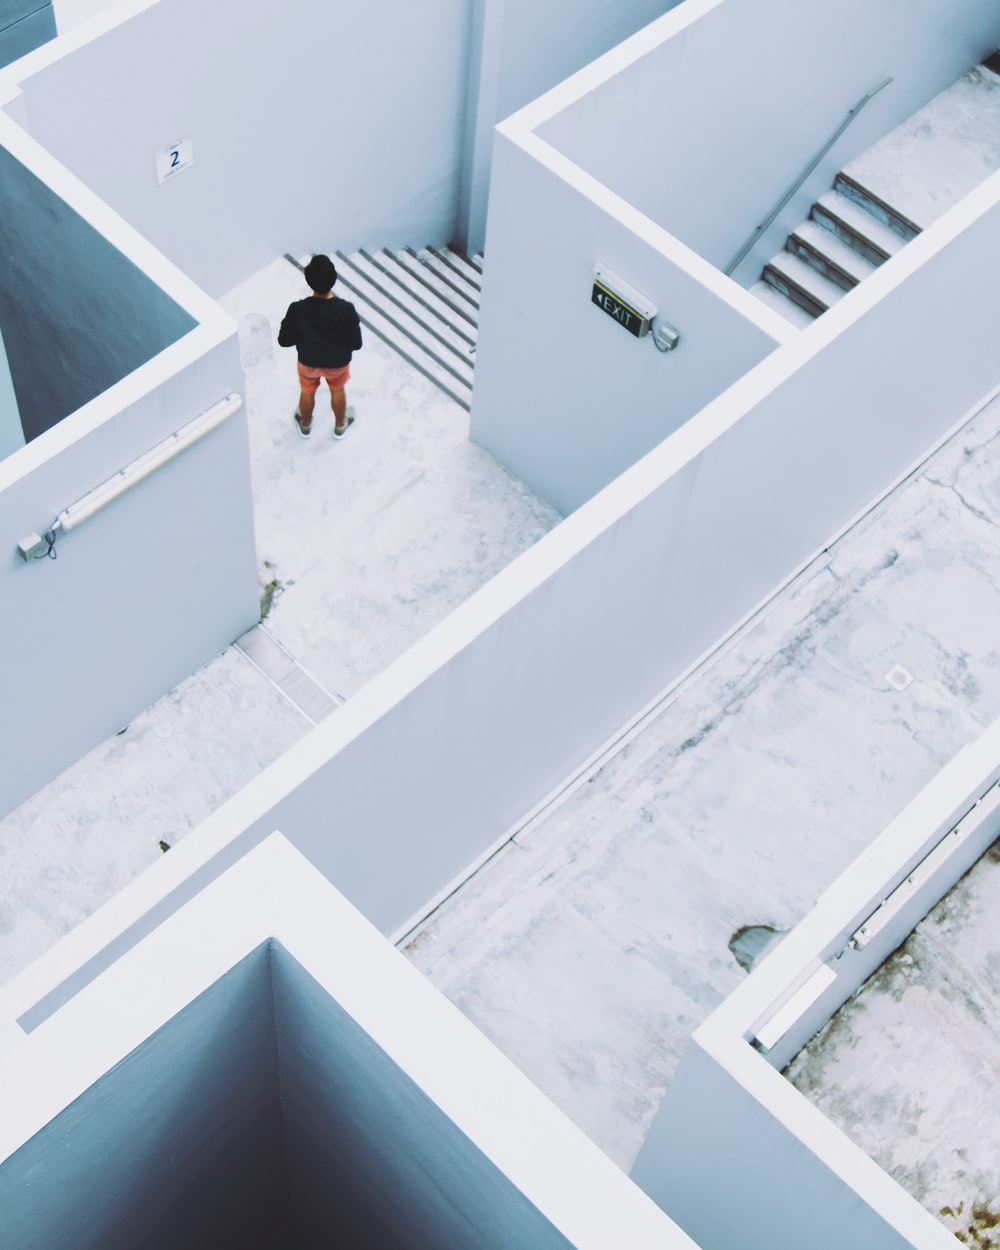 man in maze-like building